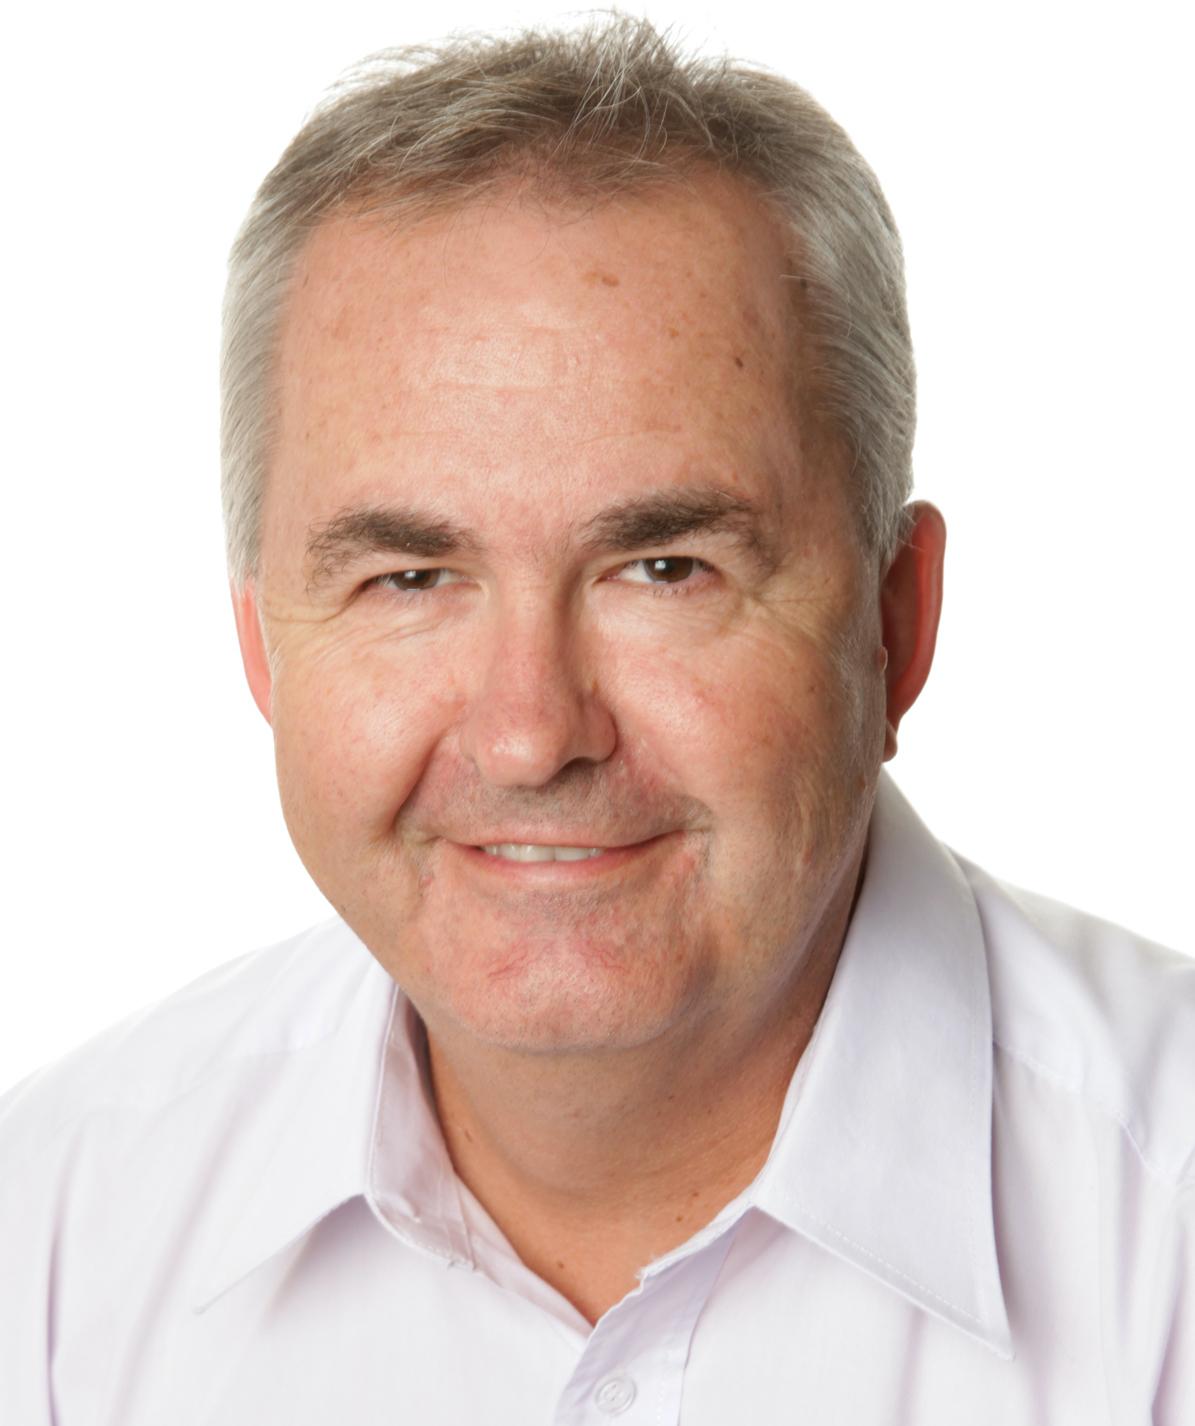 Greg Sheridan